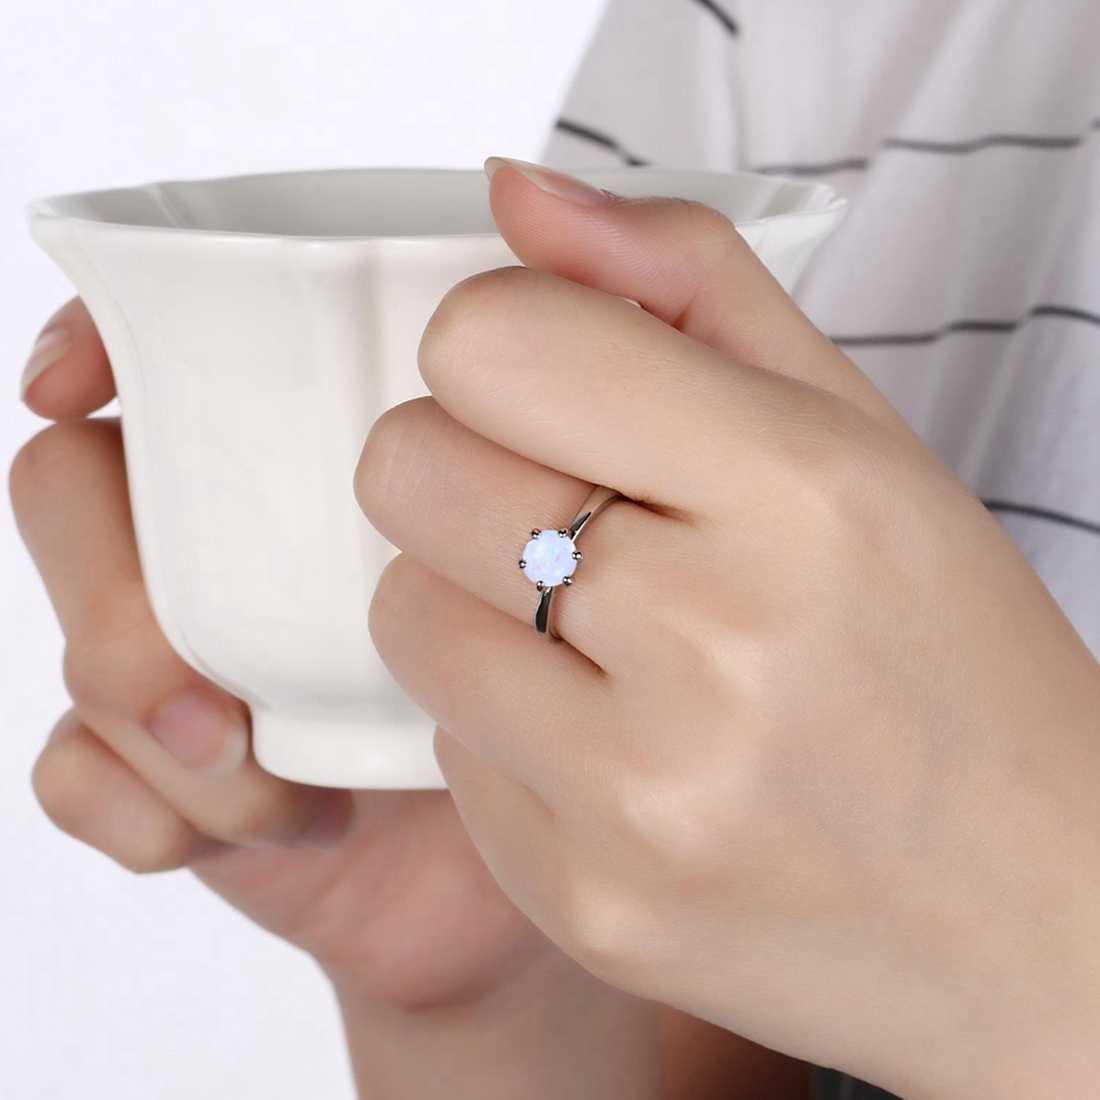 Jiayiqi 2018 Mode Silber Farbe Halskette Ohrringe Ring Opal Schmuck Sets Für Frauen Runde Form Anhänger Kette Hochzeit Schmuck